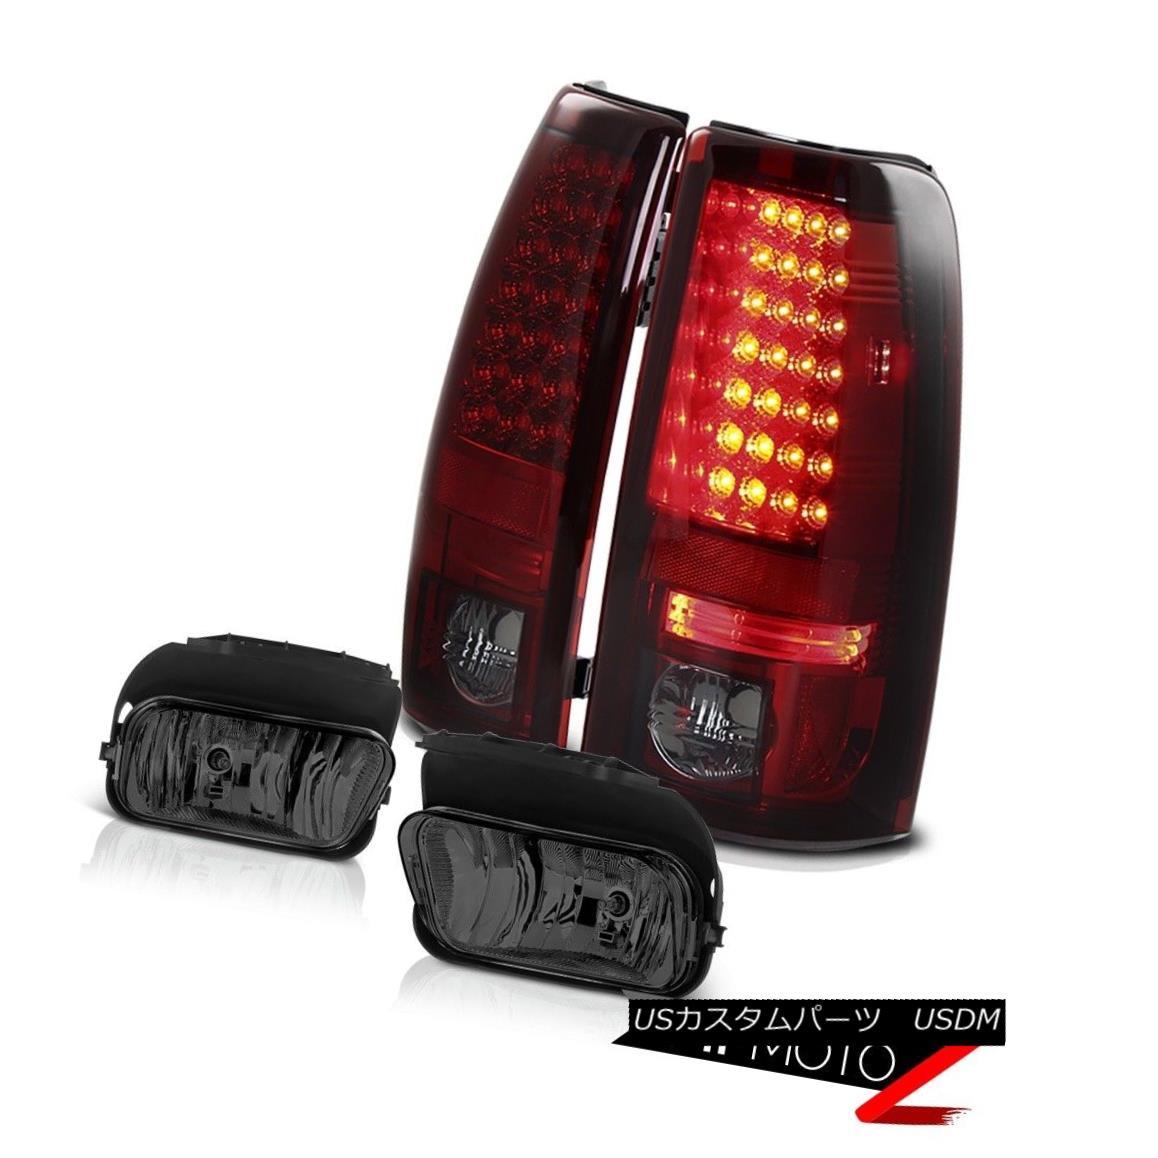 テールライト Burgundy Red SMD LED Taillights Driving Foglamp 2005 2006 Silverado Vortec Max ブルゴーニュレッドSMD LEDテールライトドライビングフォグライト2005 2006 Silverado Vortec Max